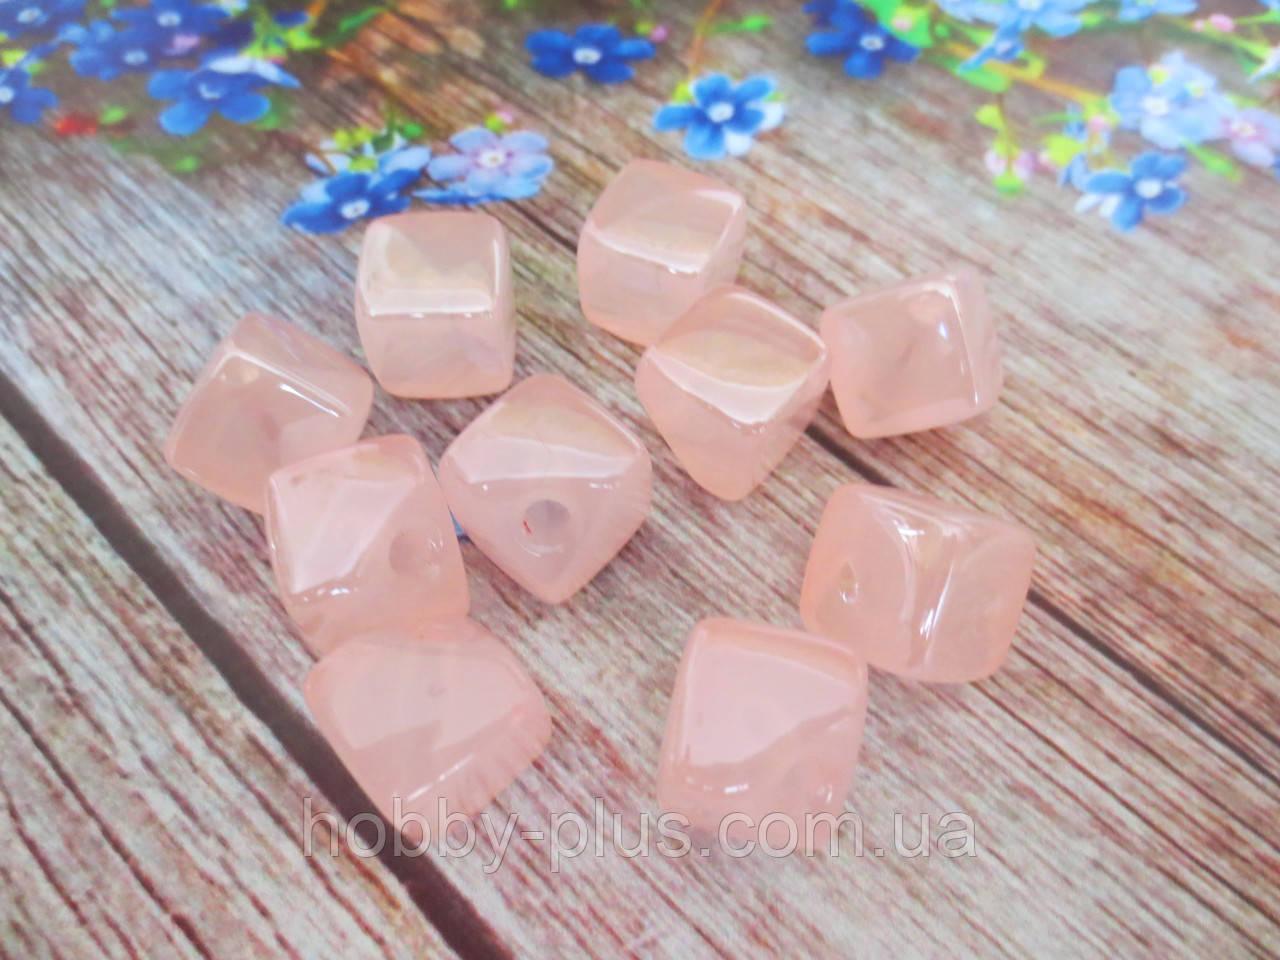 Пластиковые камни-висюльки, квадрат перламутровый, цвет светло-розовый пастельный, 12 мм, 1 шт